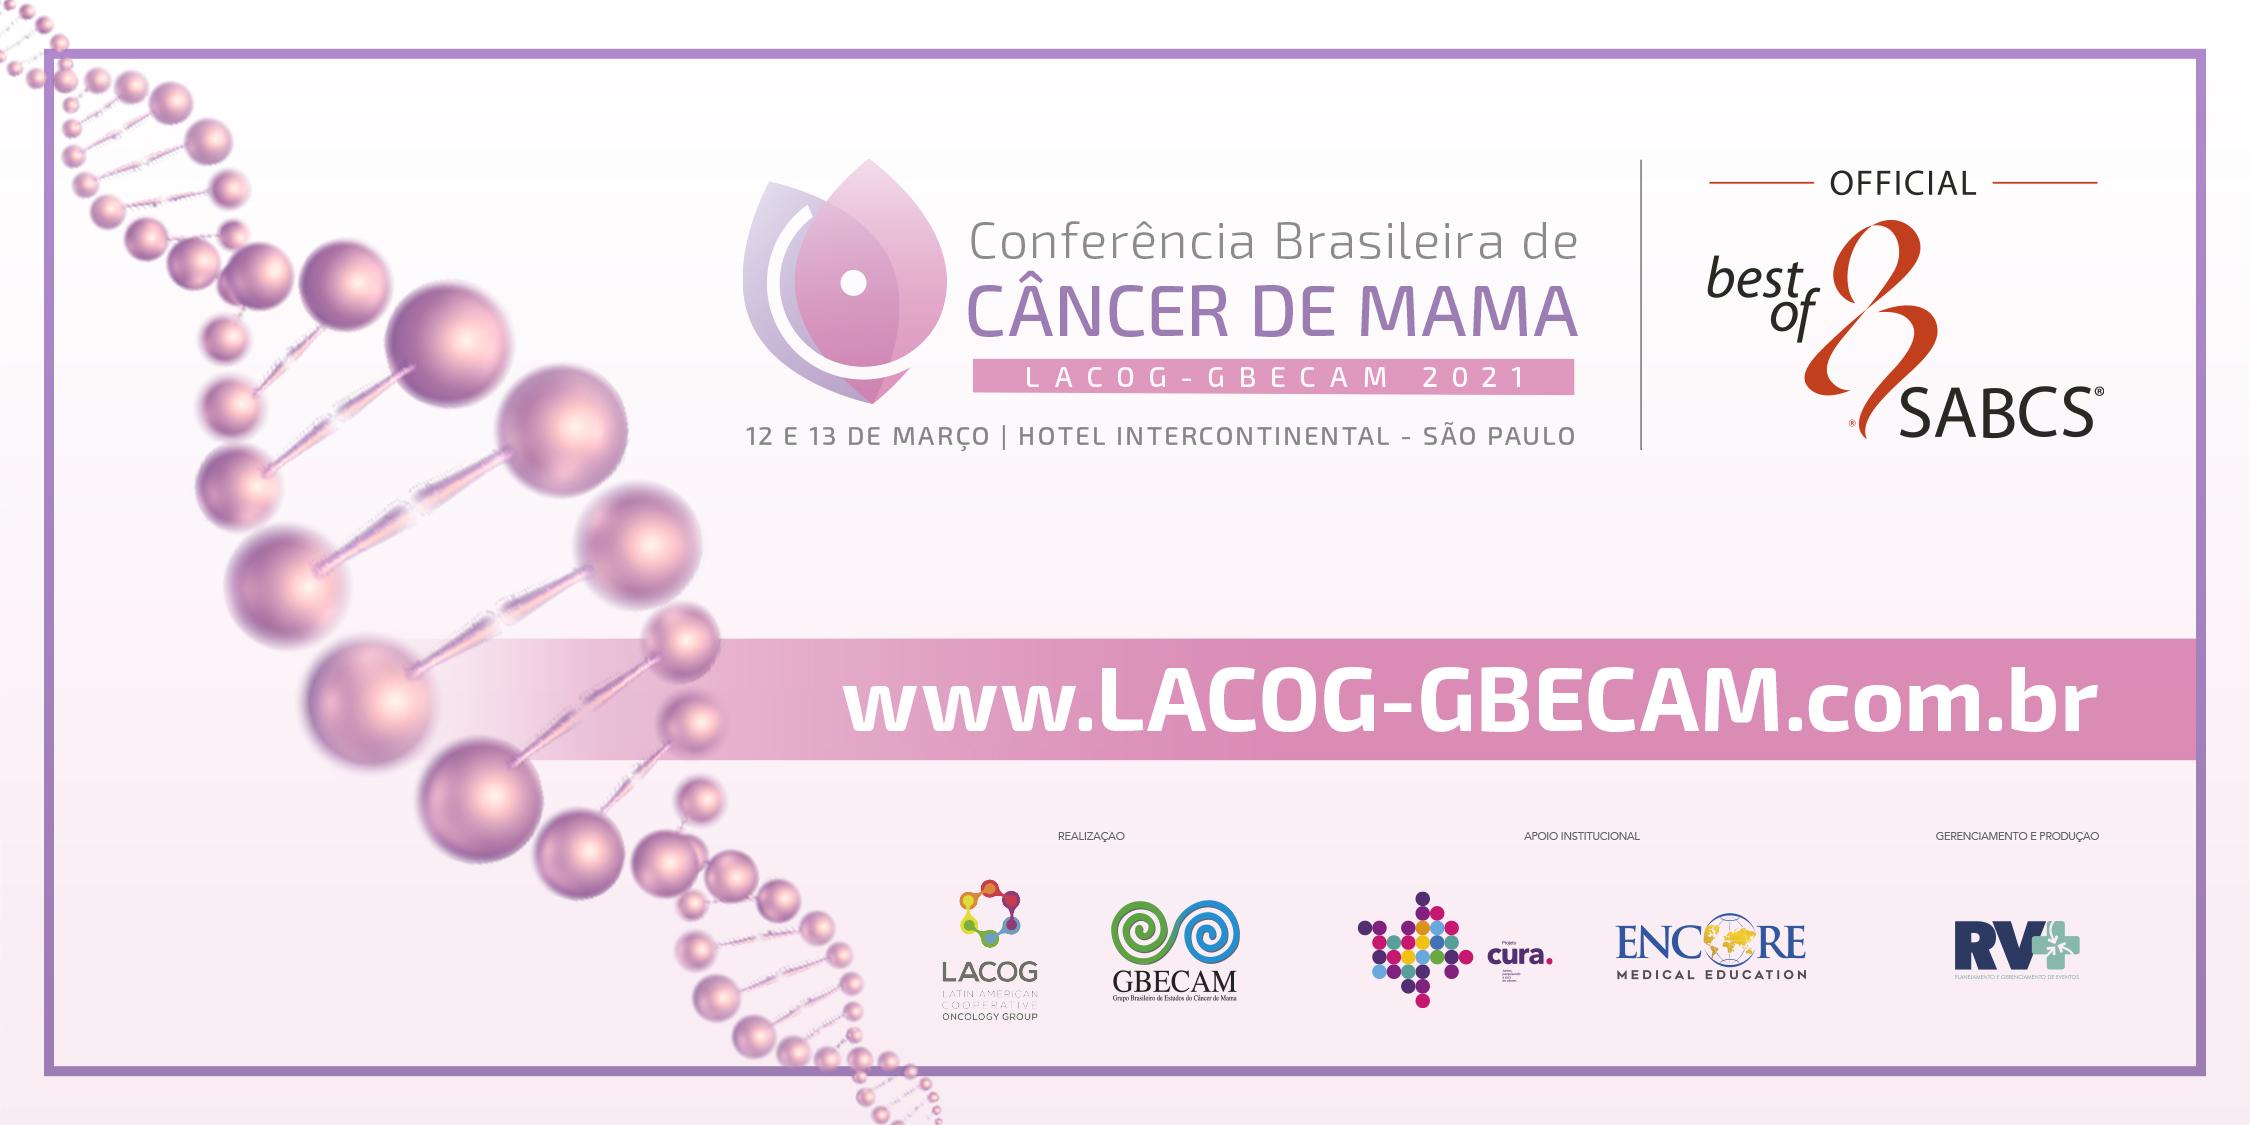 LACOG-GBECAM - 2021